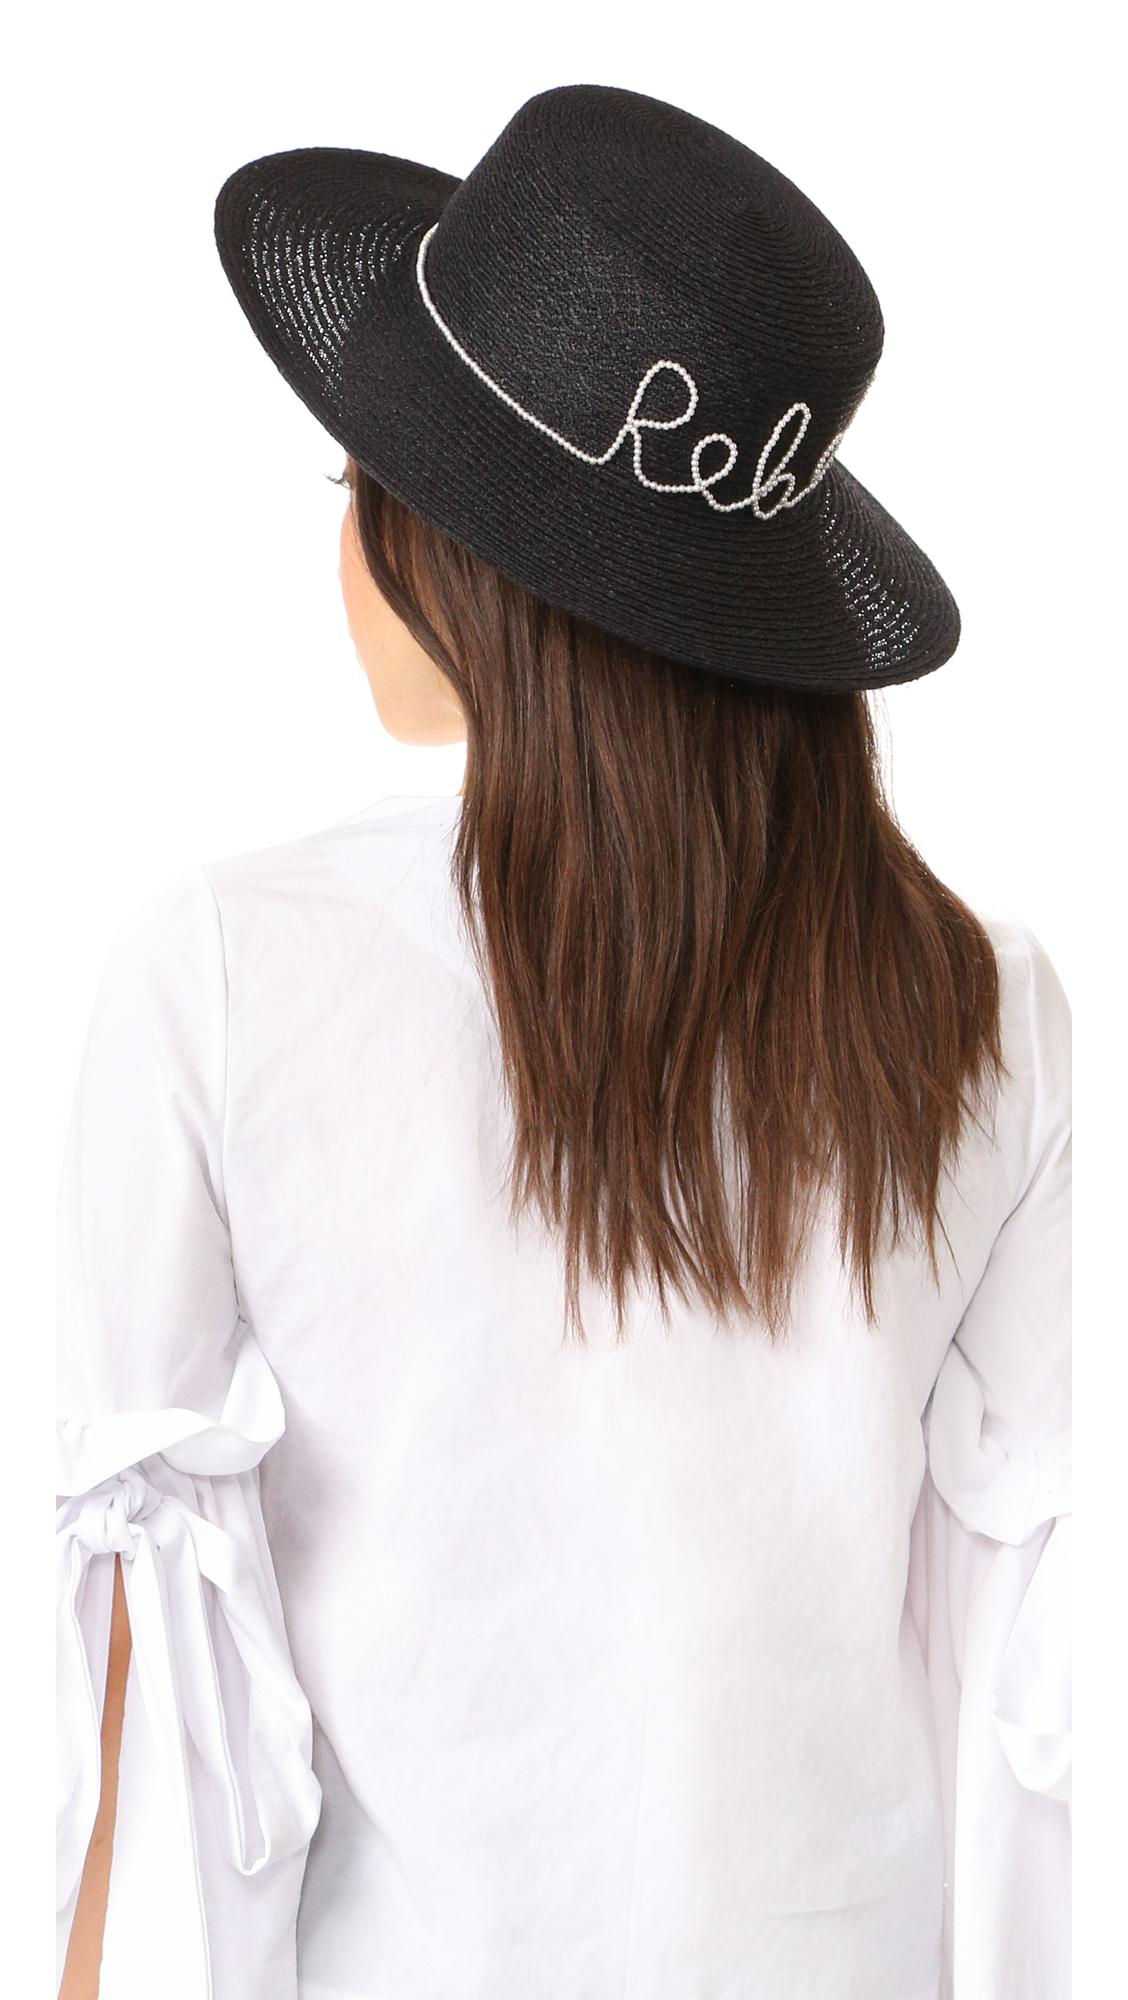 Eugenia Kim Colette Rebel Hat - Black at Shopbop